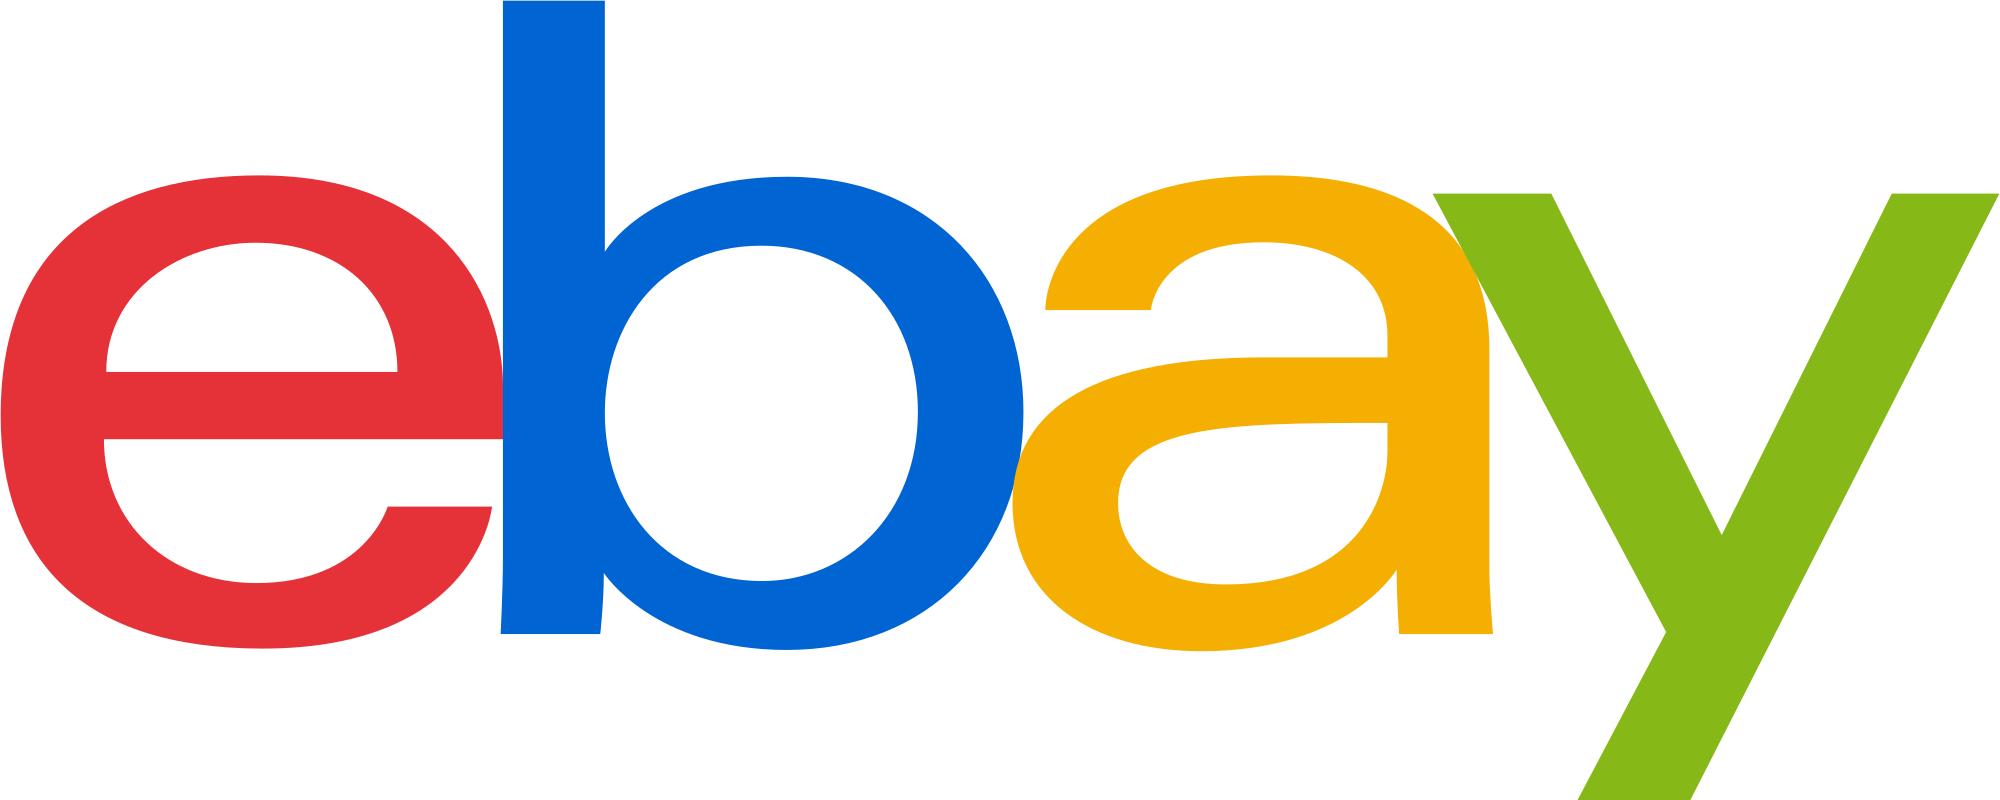 [eBay.at] Kostenlos einstellen und 50% Verkaufsgebühren